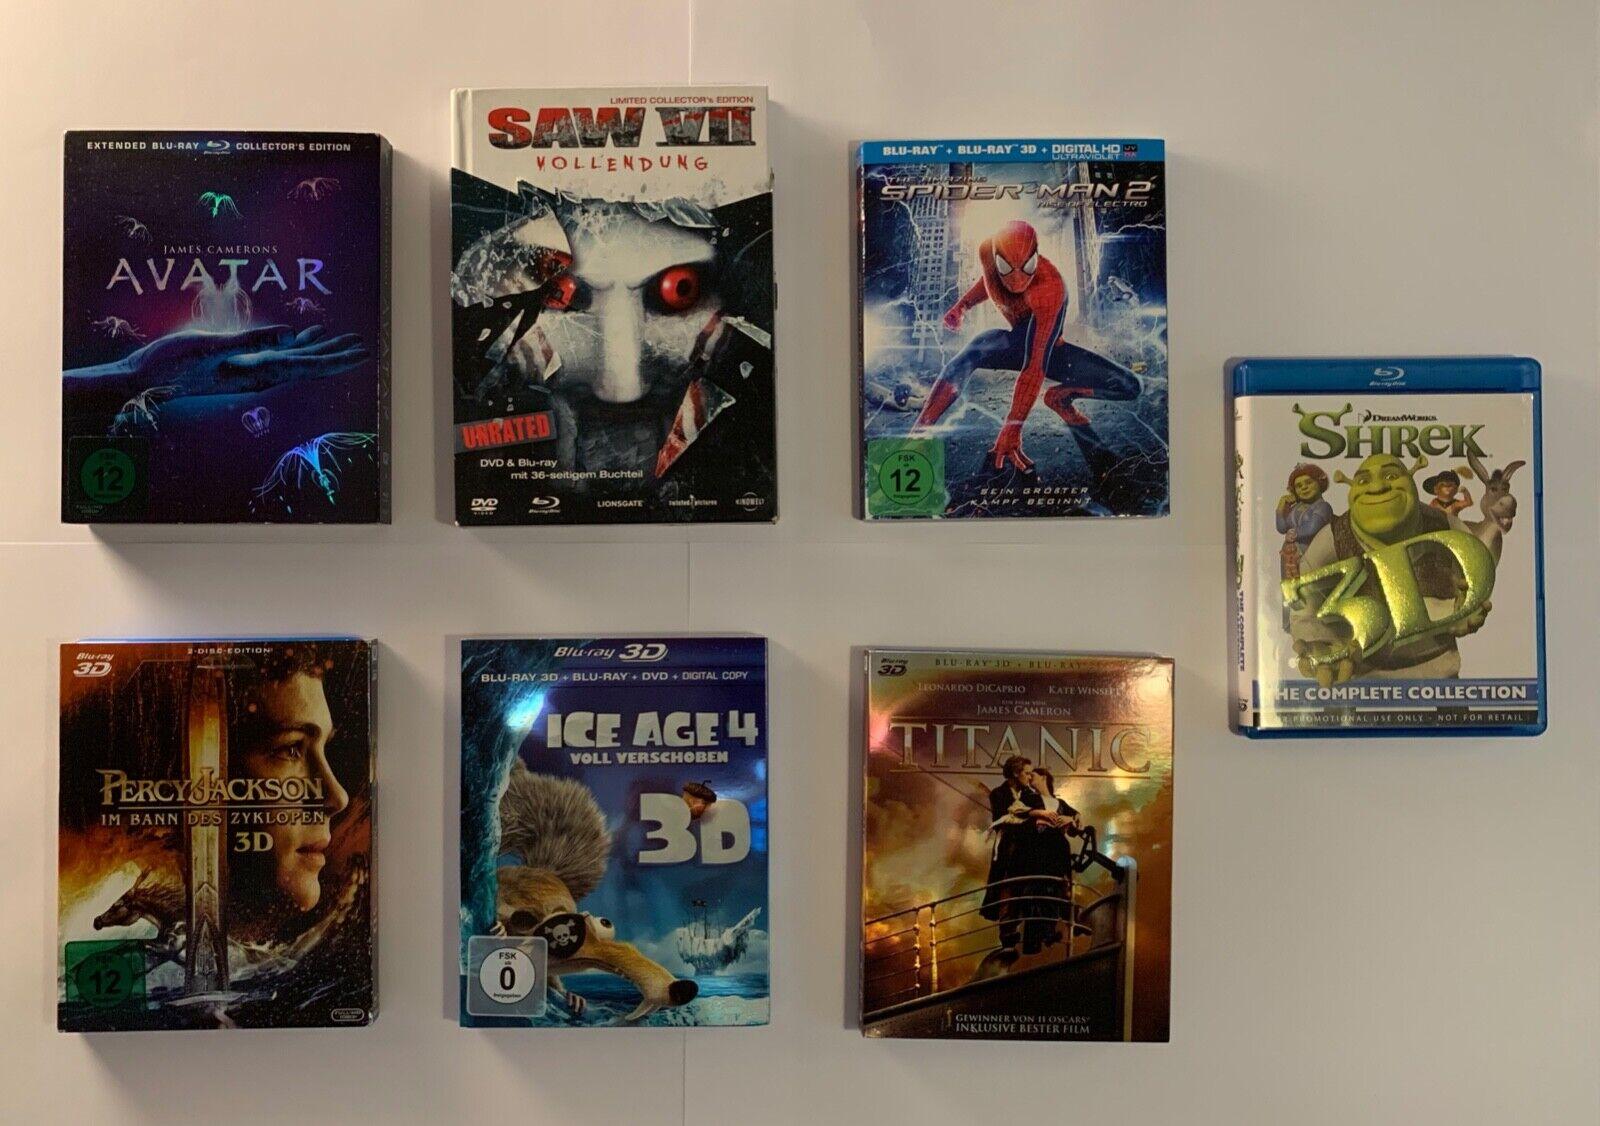 Blu-ray Kollektion 44 Filme mit 3D Filmen+Limited E. (Liste s. Beschreibung)